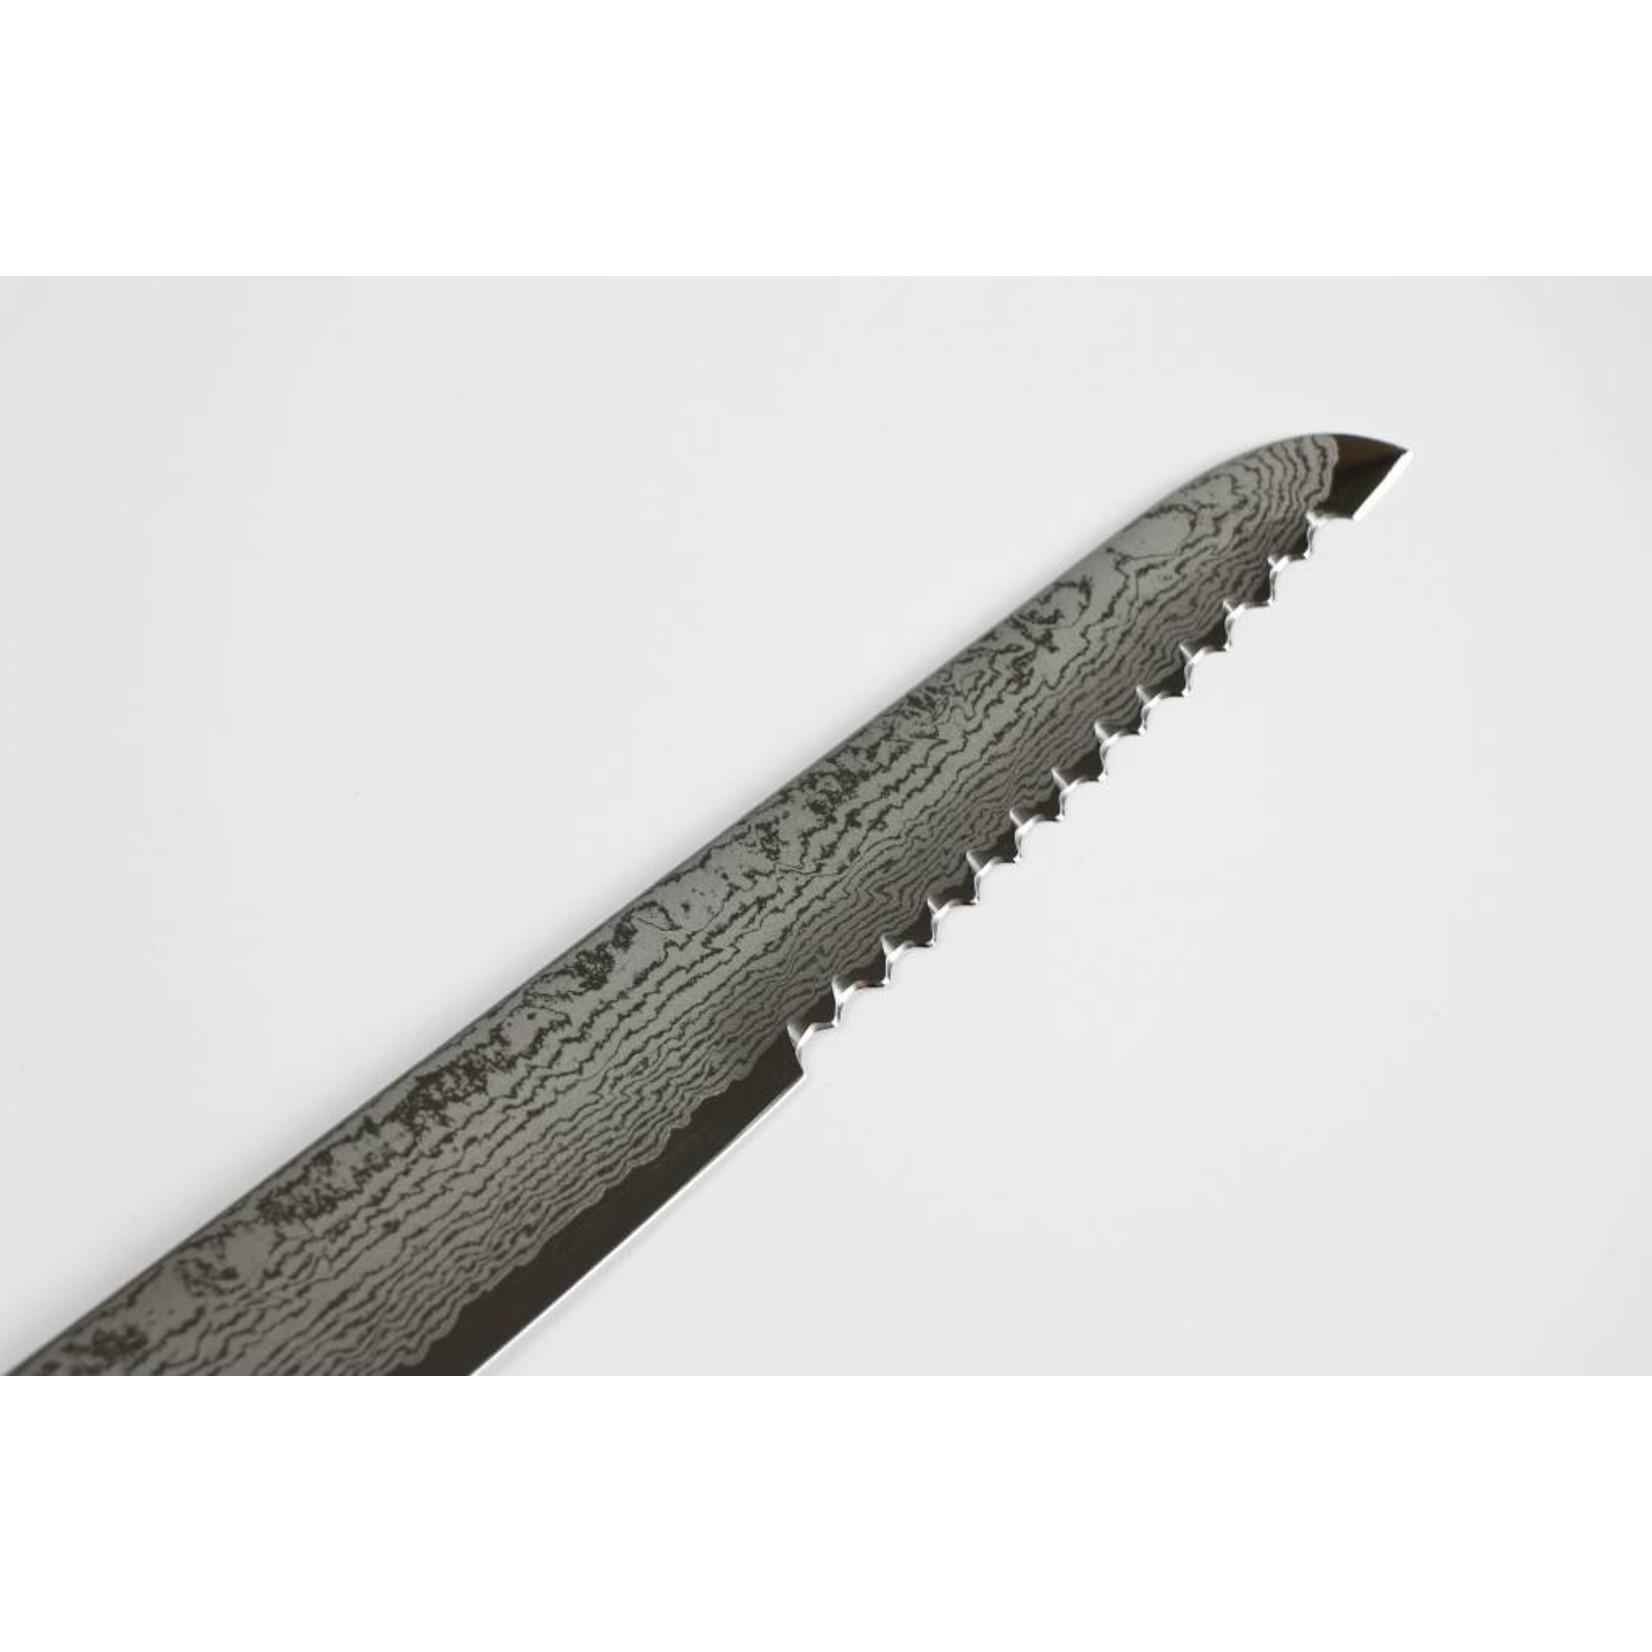 RYUSEN Prever Bread Slicer 260 mm PV-108